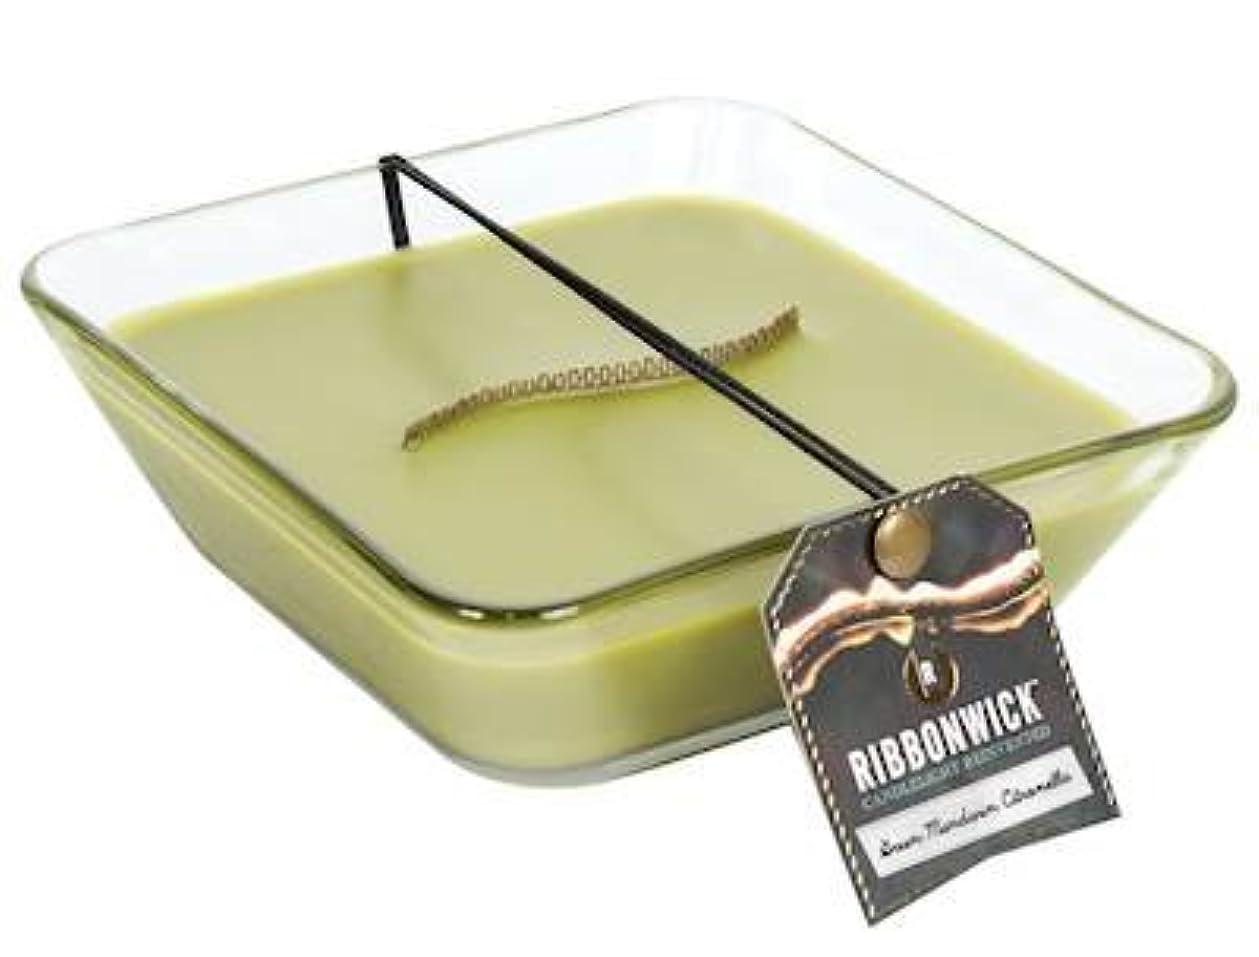 スポンジスライス晩餐グリーンマンダリンシトロネラ装飾ガラスMedium RibbonWick Scented Candle – アウトドアコレクション